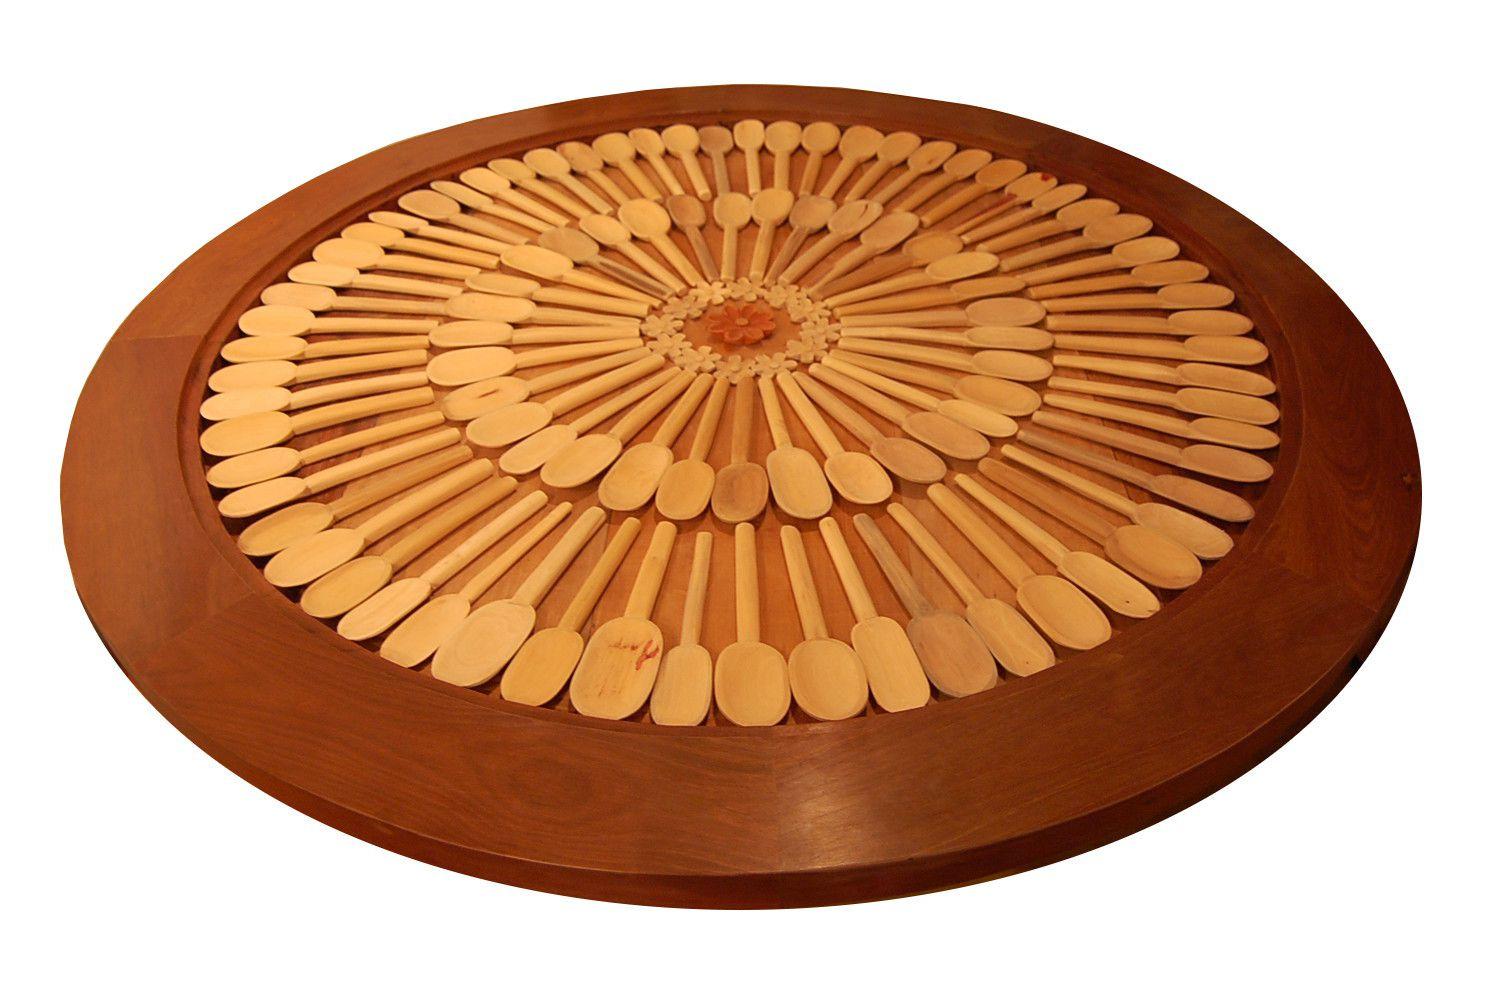 Mesa de Jantar Redonda De Demolição Modelo Mandala de Colheres - 1,60 X 0,78 - Tampo Trabalhado - Em Madeira Selecionada